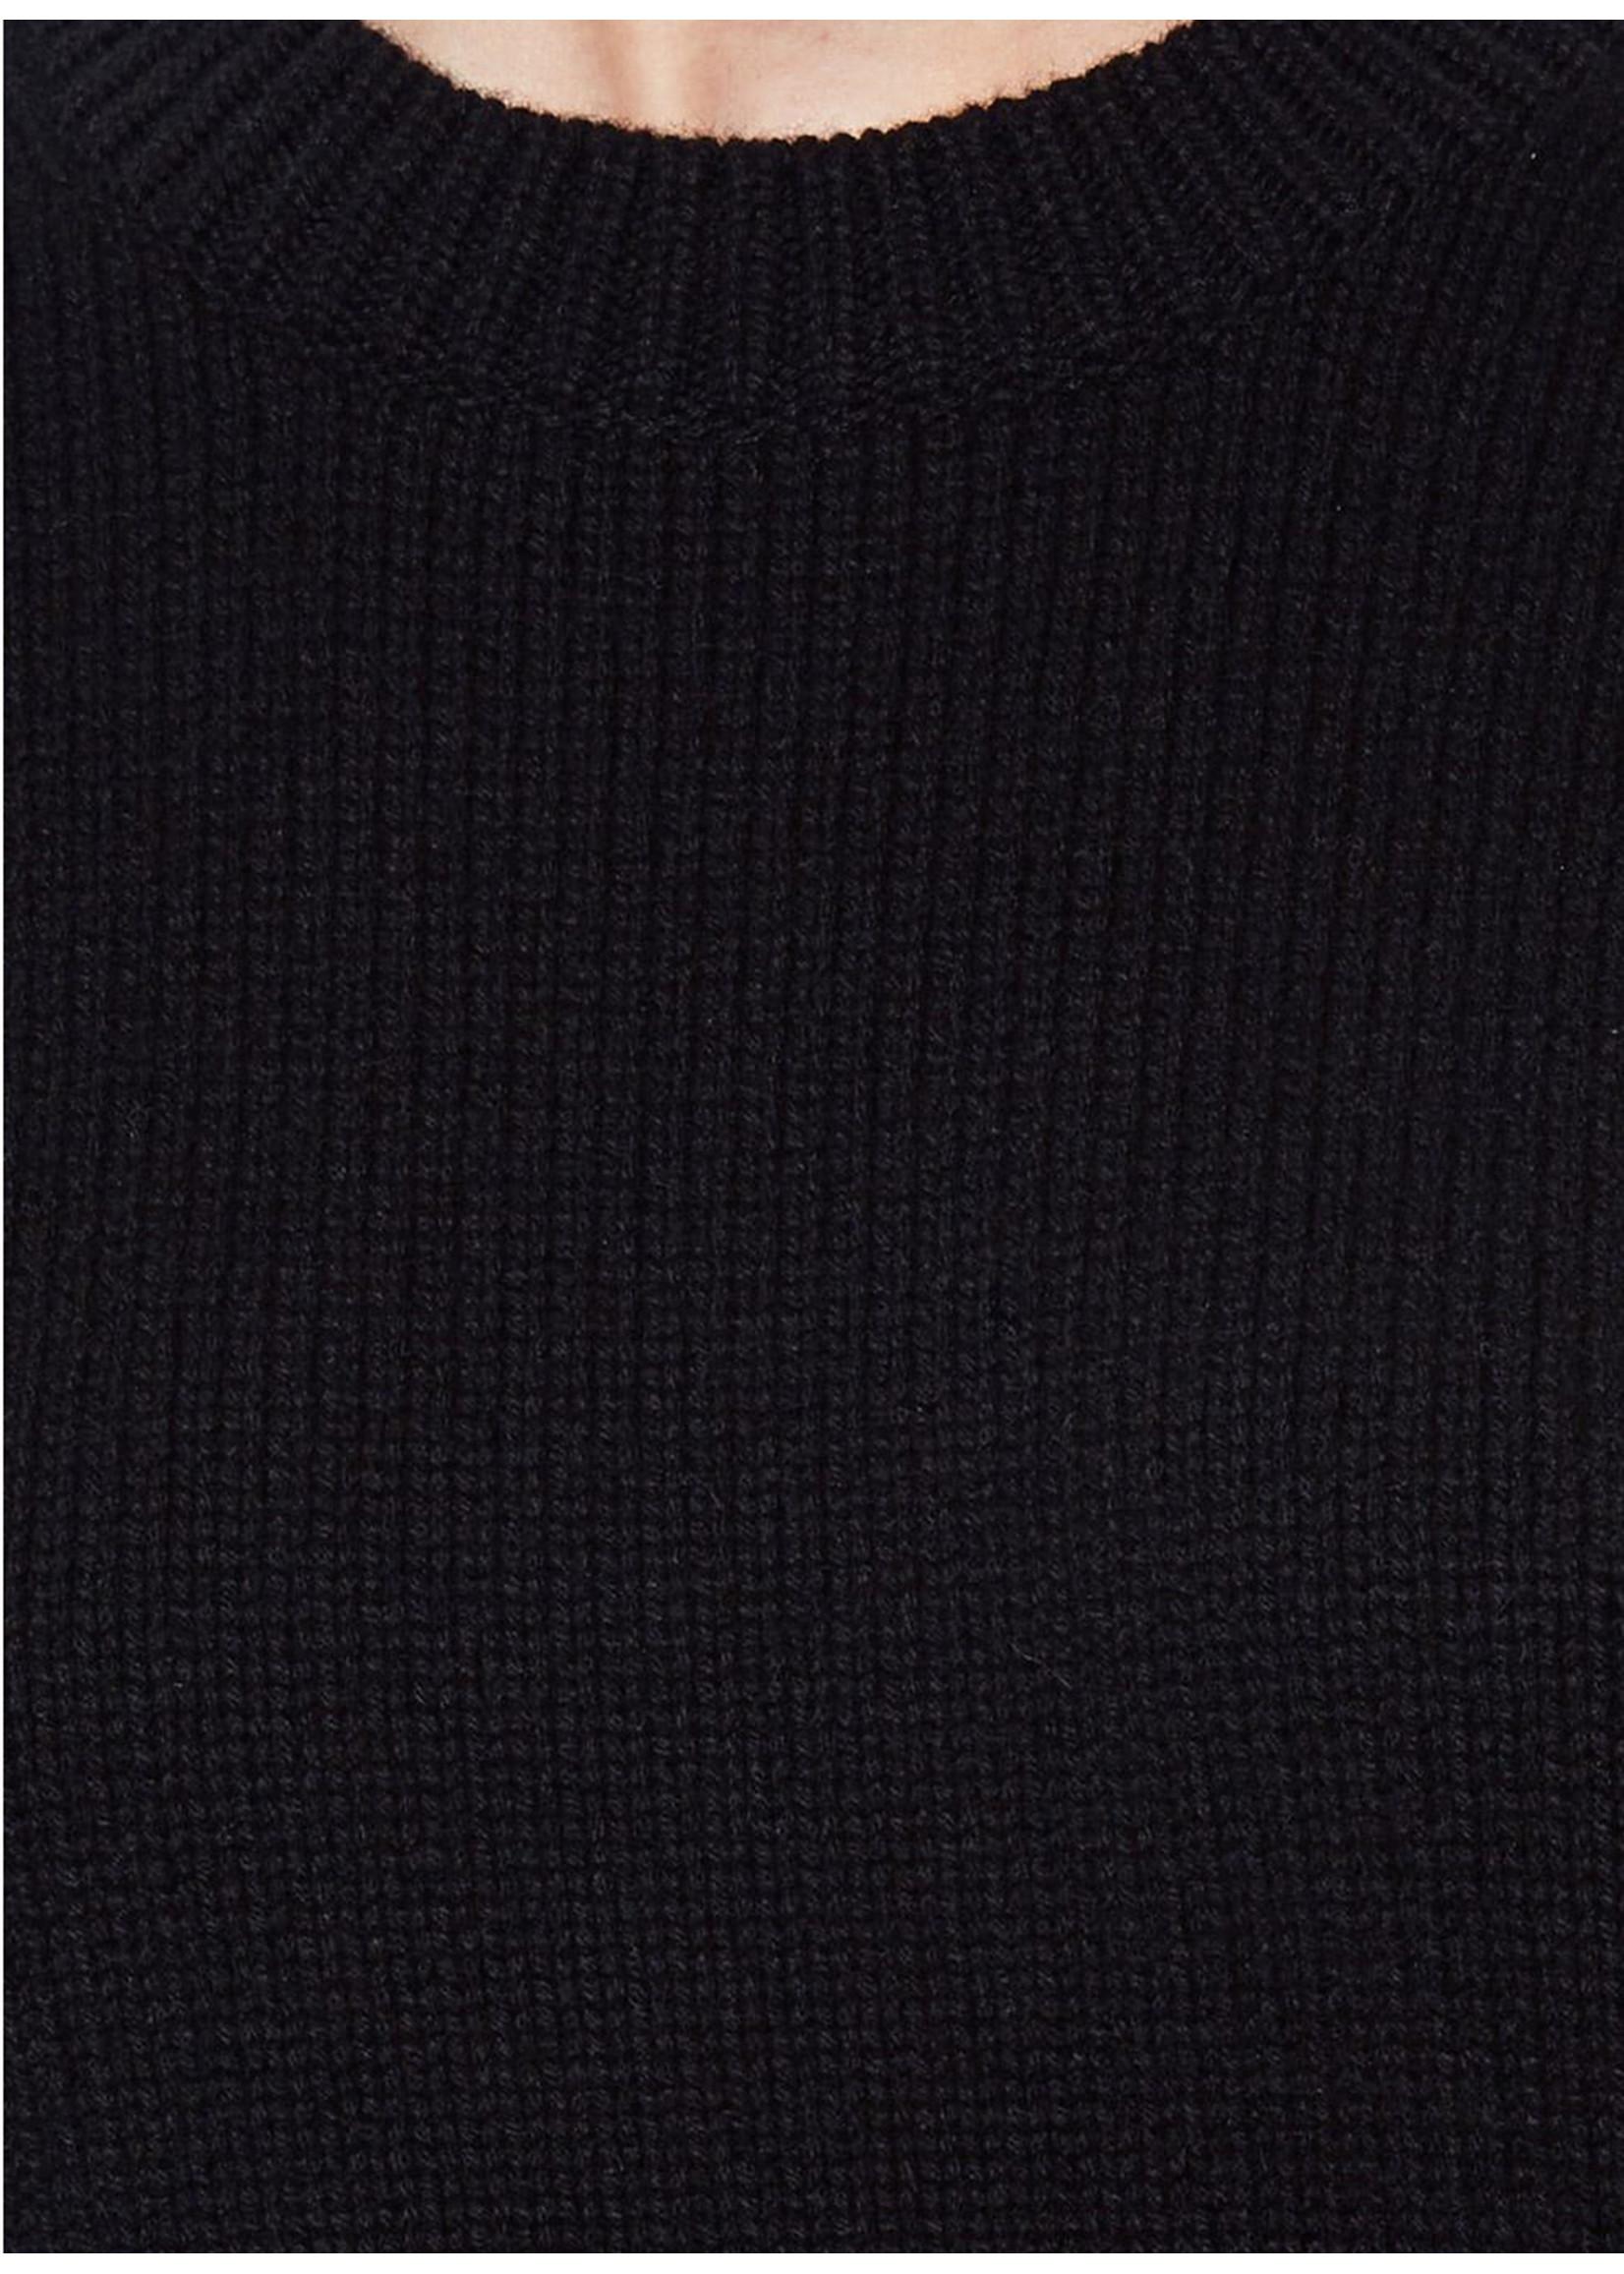 Anine Bing Rosie sweater black